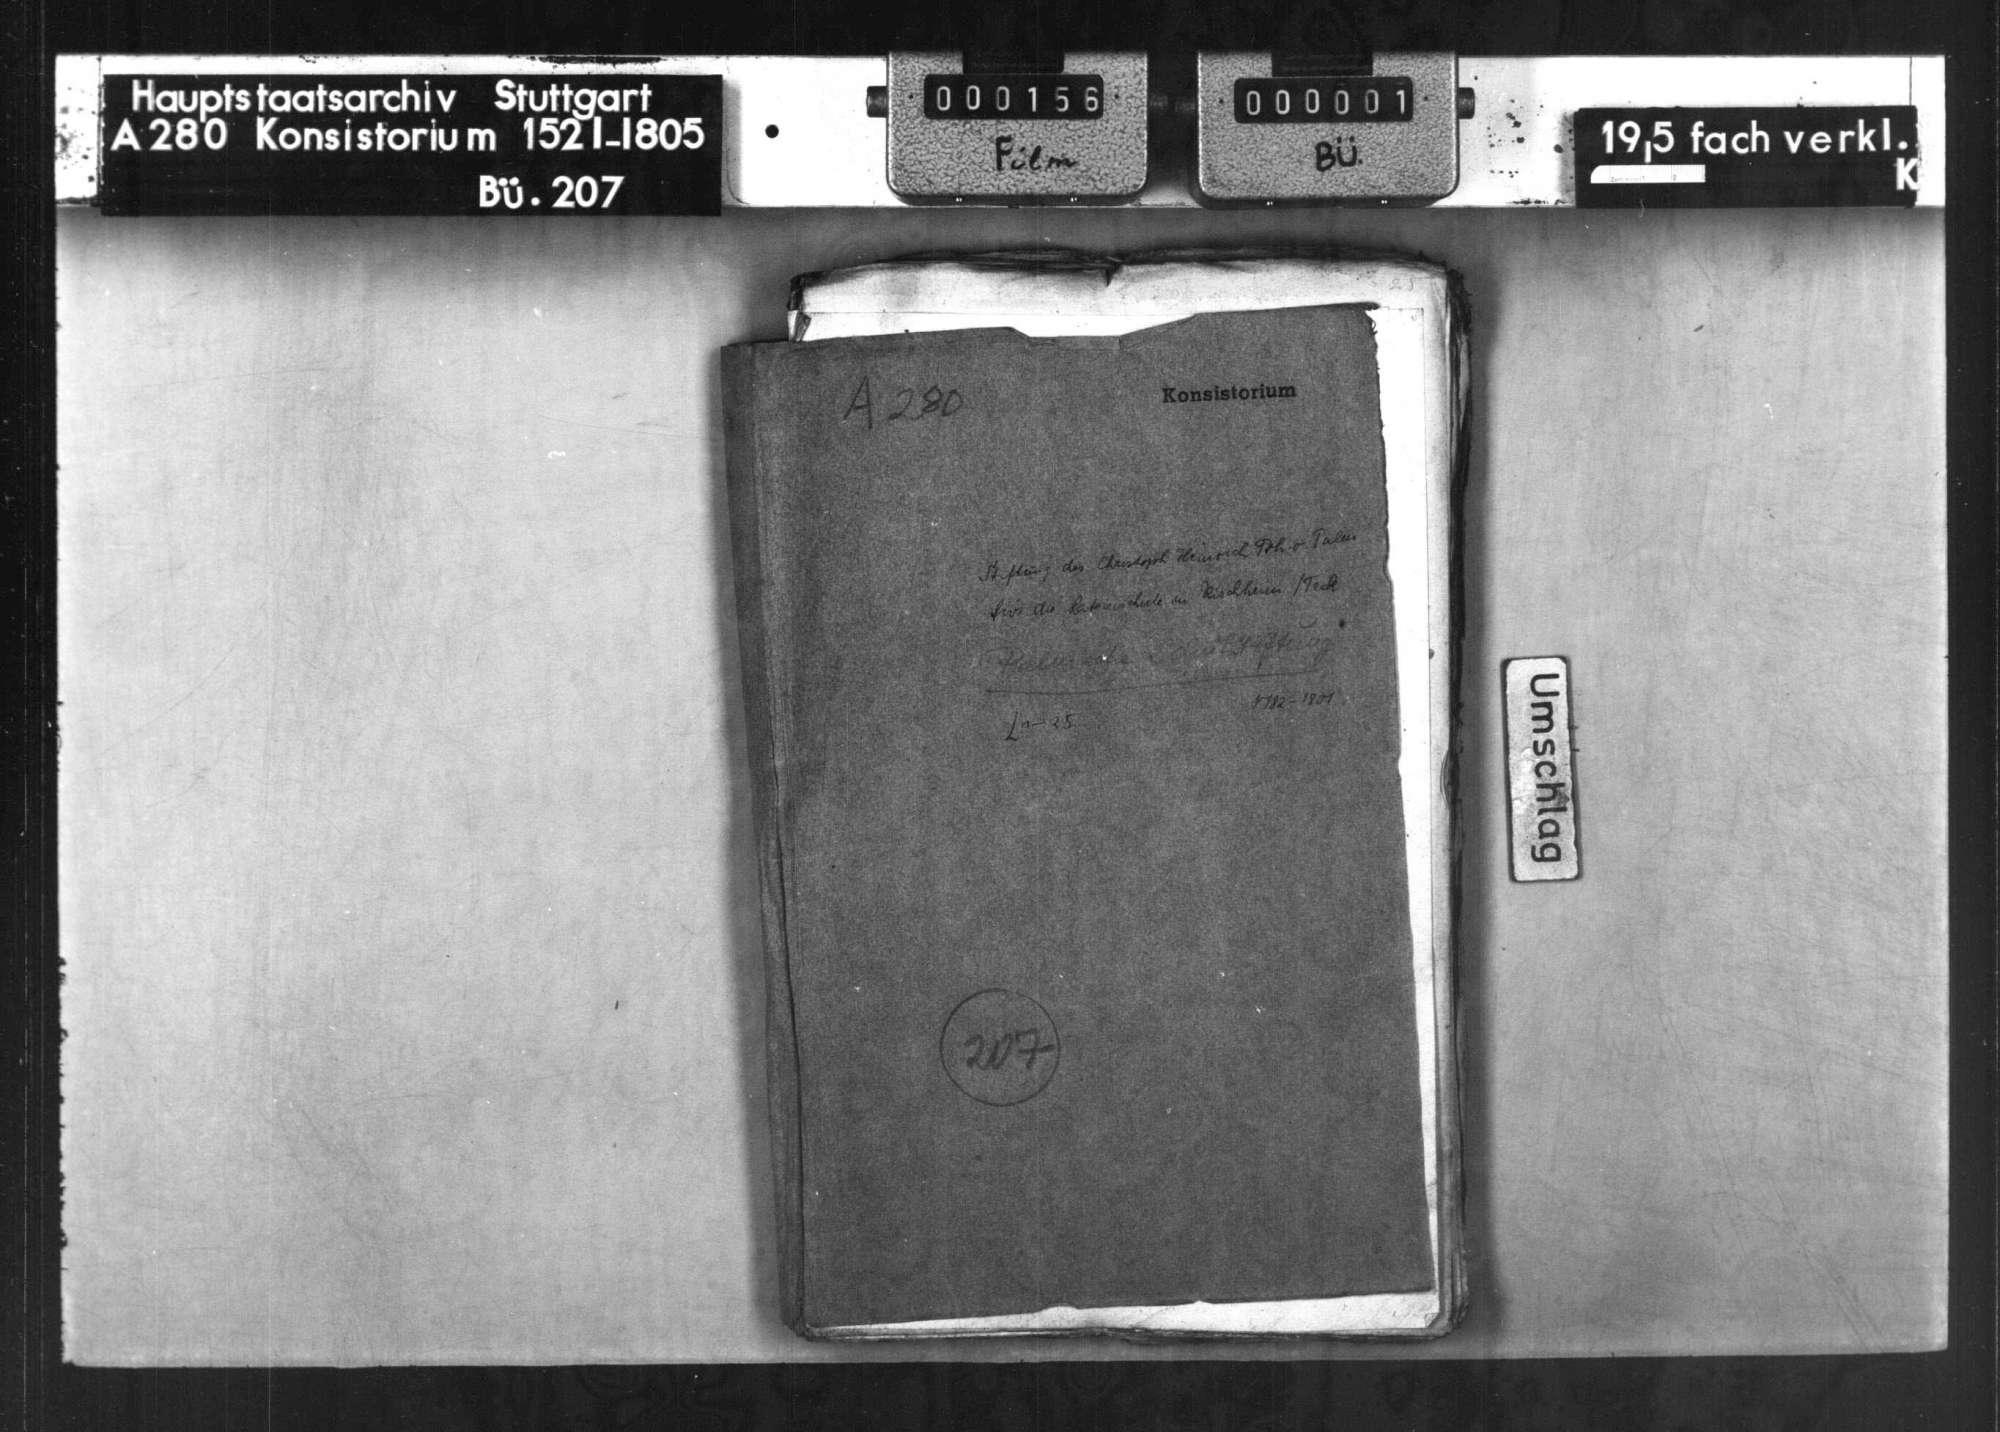 Stiftung des Christoph Heinrich Frh. von Palm für die Lateinschule in Kircheim/Teck, Bild 1